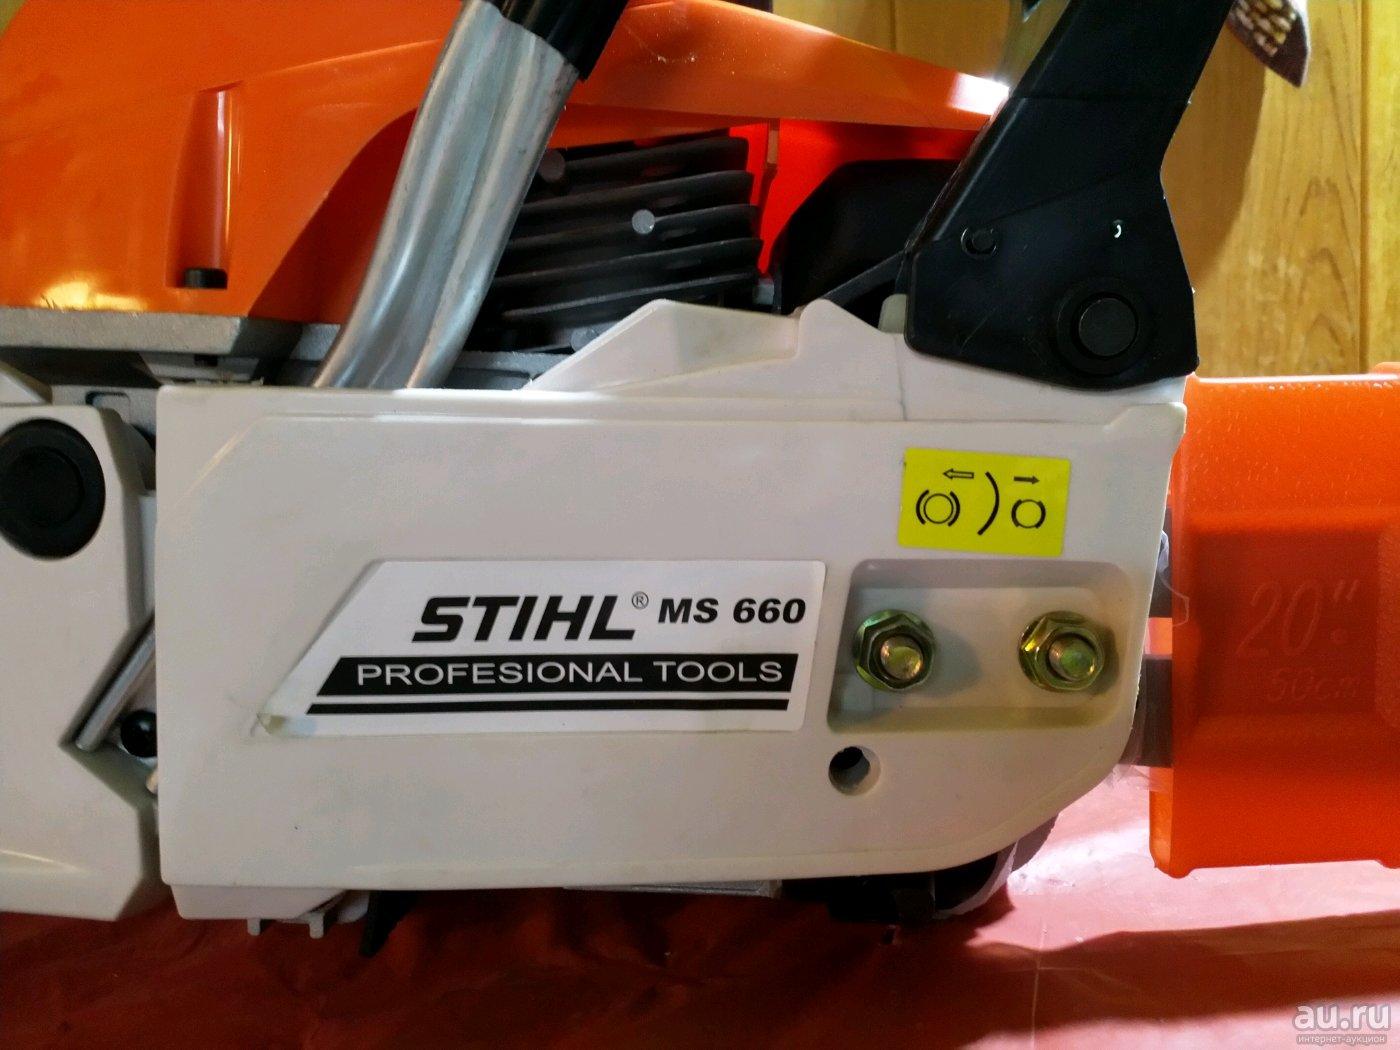 Бензопила stihl китай (китайского производства): отзывы, технические характеристики, цена